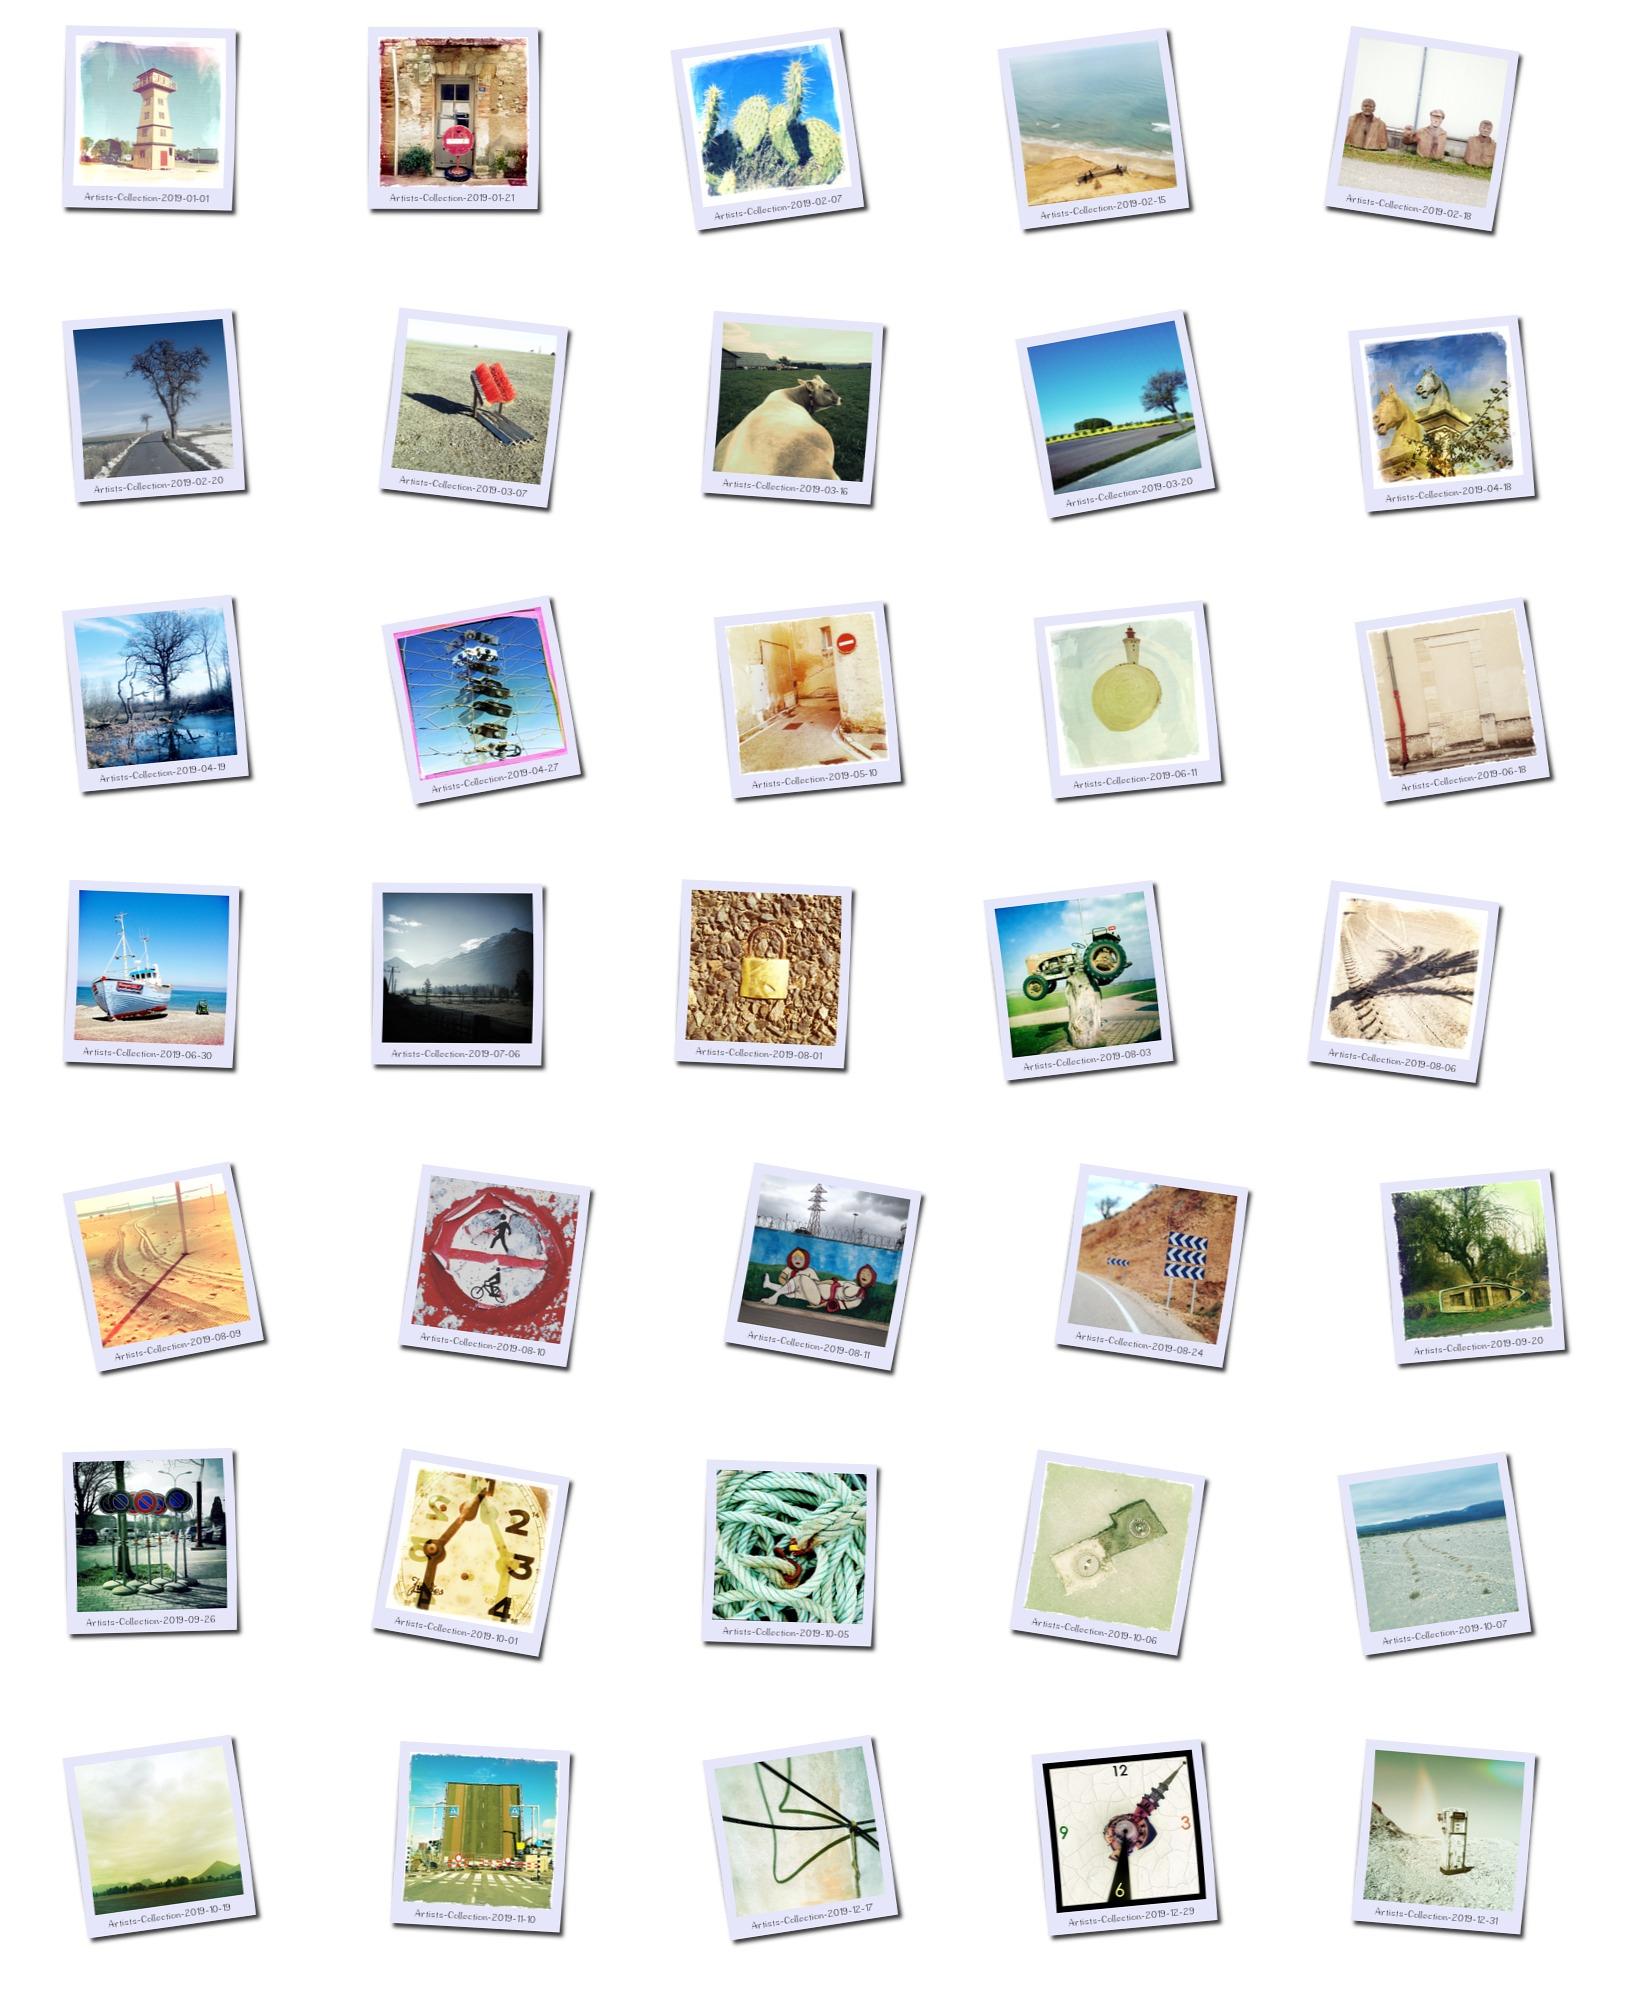 Bilder im Polaroid-Stil in fünf Spalten und sieben Reihen aarangiert zu einer Übersicht. Stark verfremdete Motive von z. B. einem Vorhängeschloss, das im Teer der Straße festgefahren ist genau in der Mitte der Bildersammlung, oder einem Kirchturm, der als Zeiger einer Uhr montiert wurde.